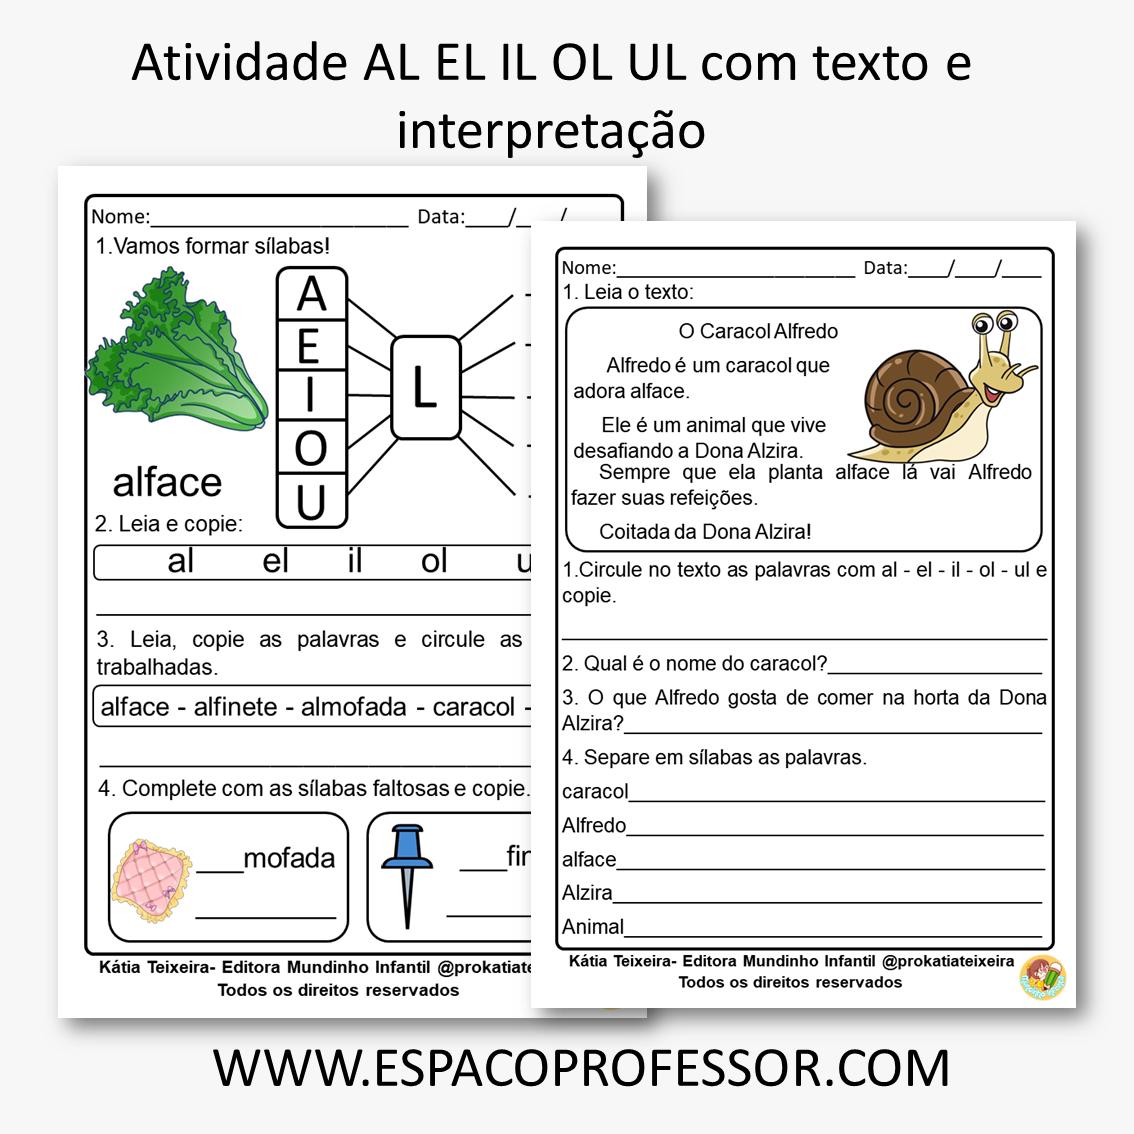 Atividade AL EL IL OL UL com texto e interpretação